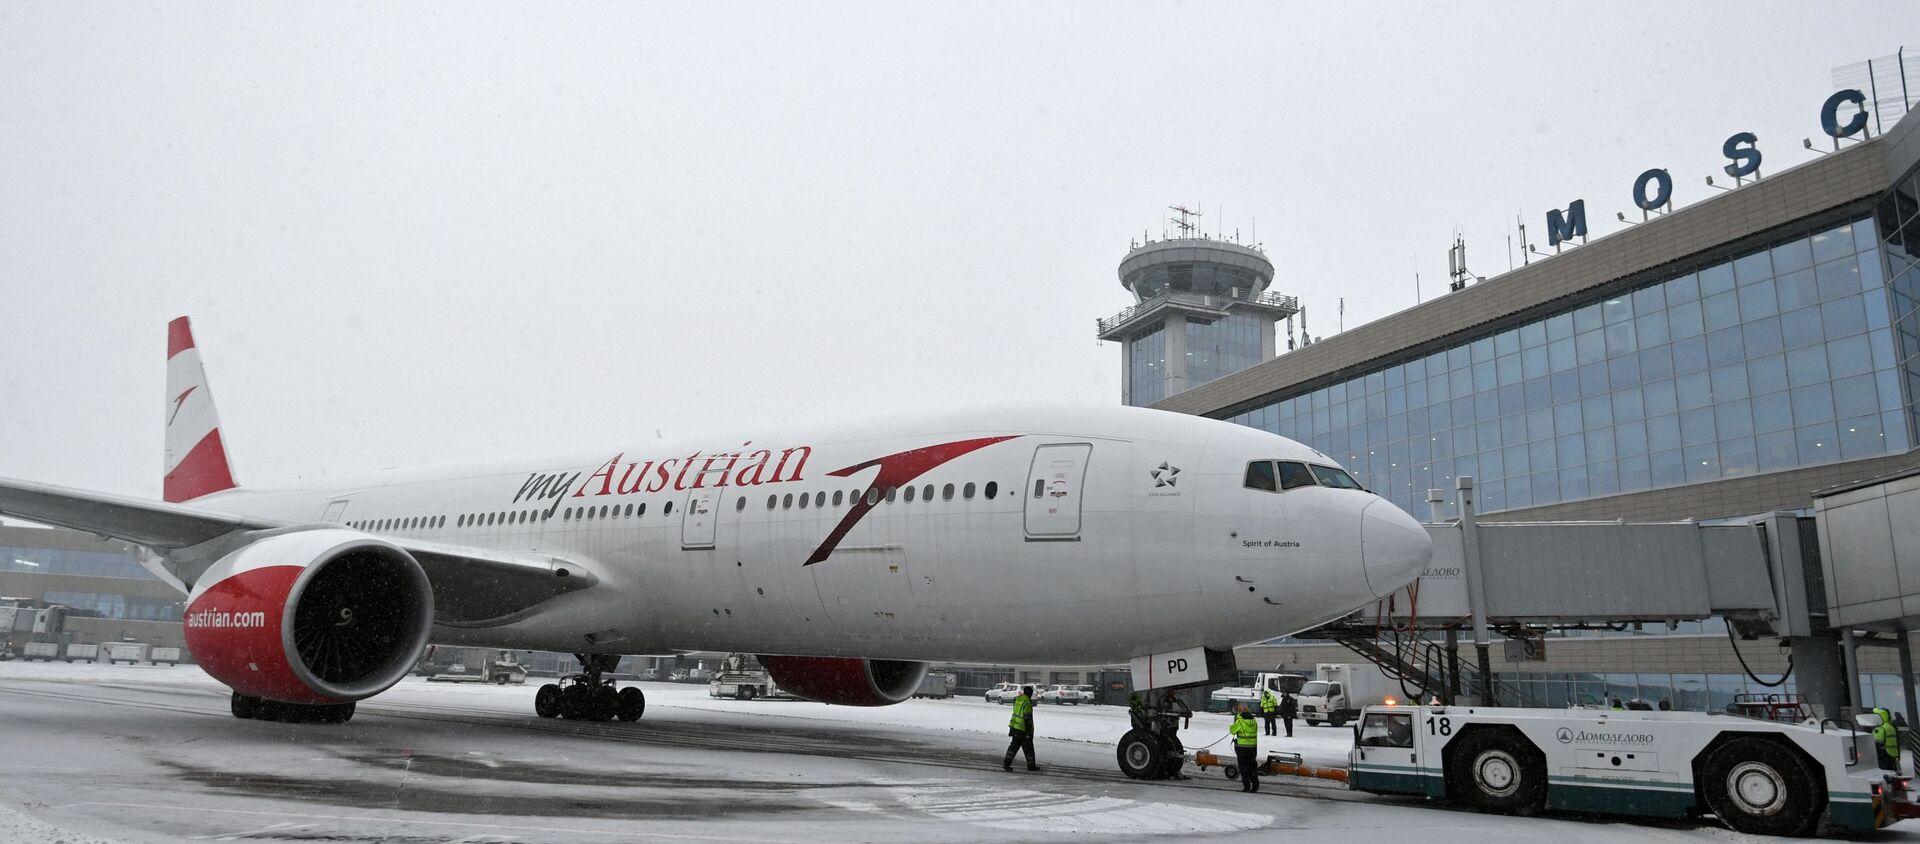 Самолет Boeing 777-200 авиакомпании Austrian Airlines в московском аэропорту Домодедово. - Sputnik Беларусь, 1920, 29.05.2021